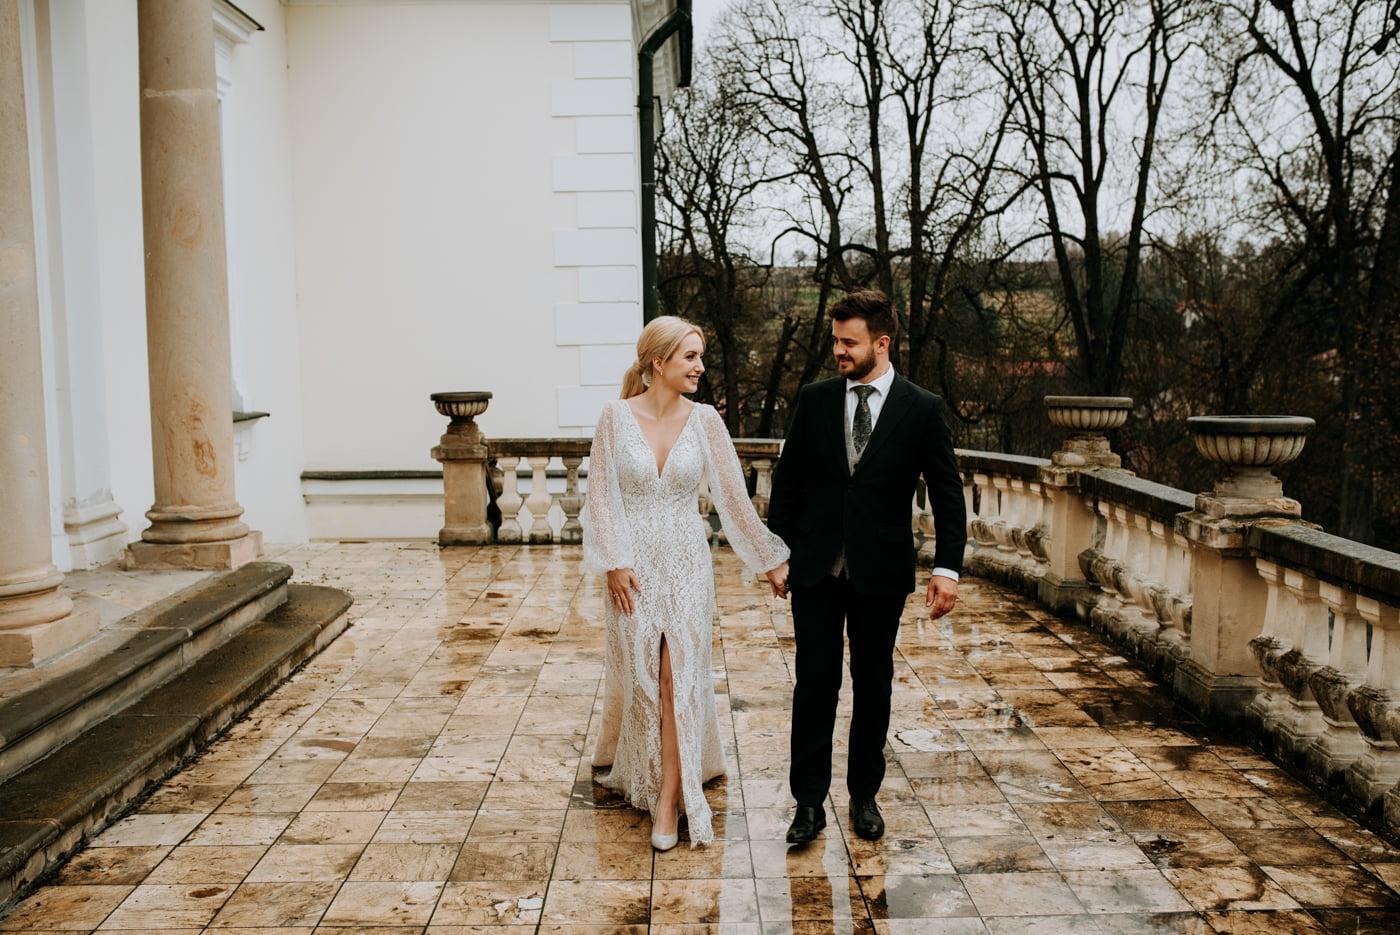 Sesja ślubna w Pałacu- Angelika i Kamil 26